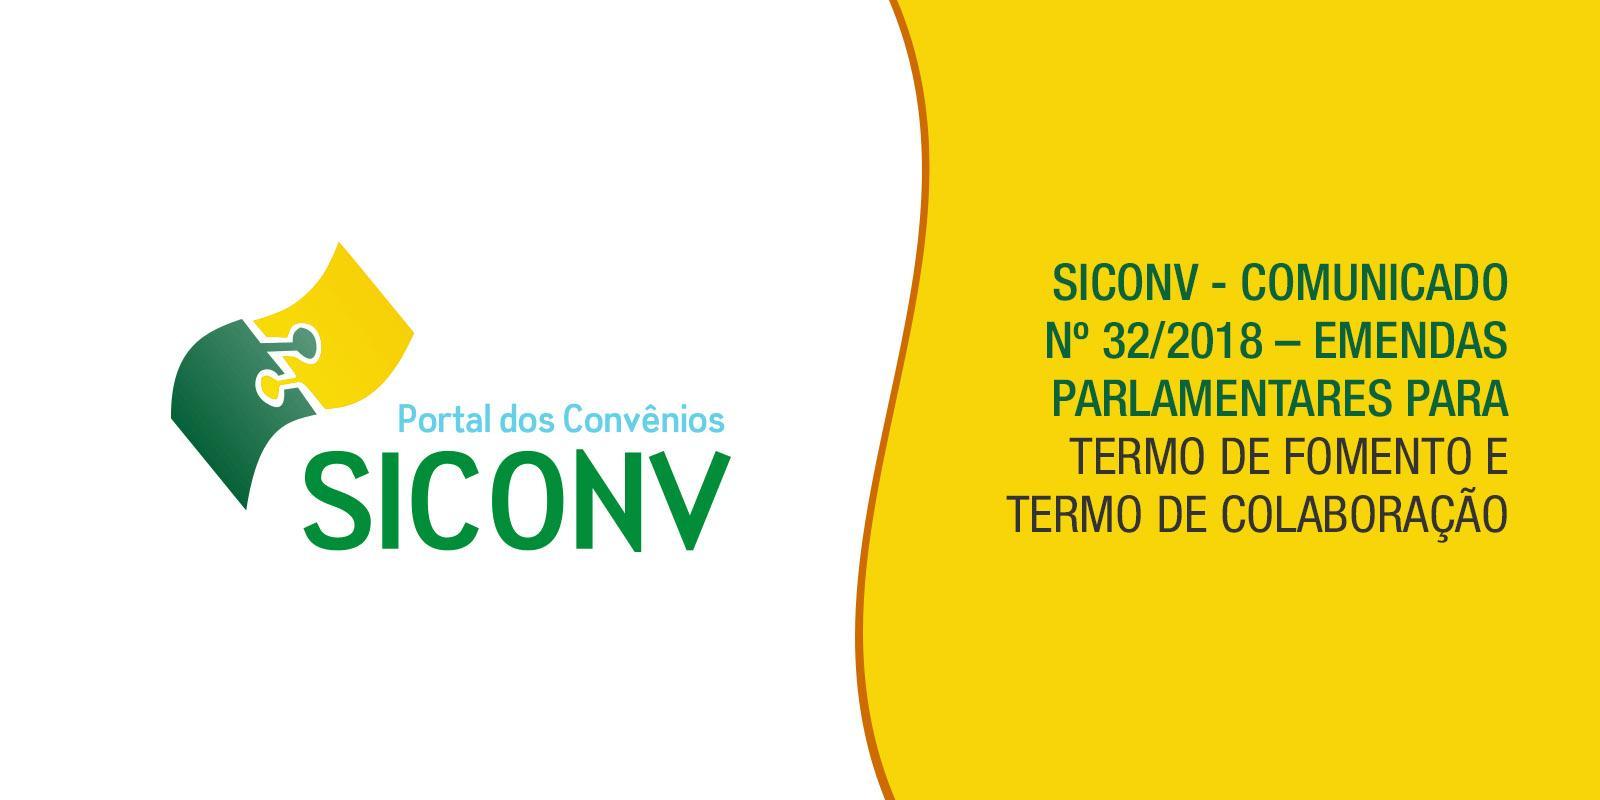 SICONV - COMUNICADO Nº 32/2018 – EMENDAS PARLAMENTARES PARA TERMO DE FOMENTO E TERMO DE COLABORAÇÃO